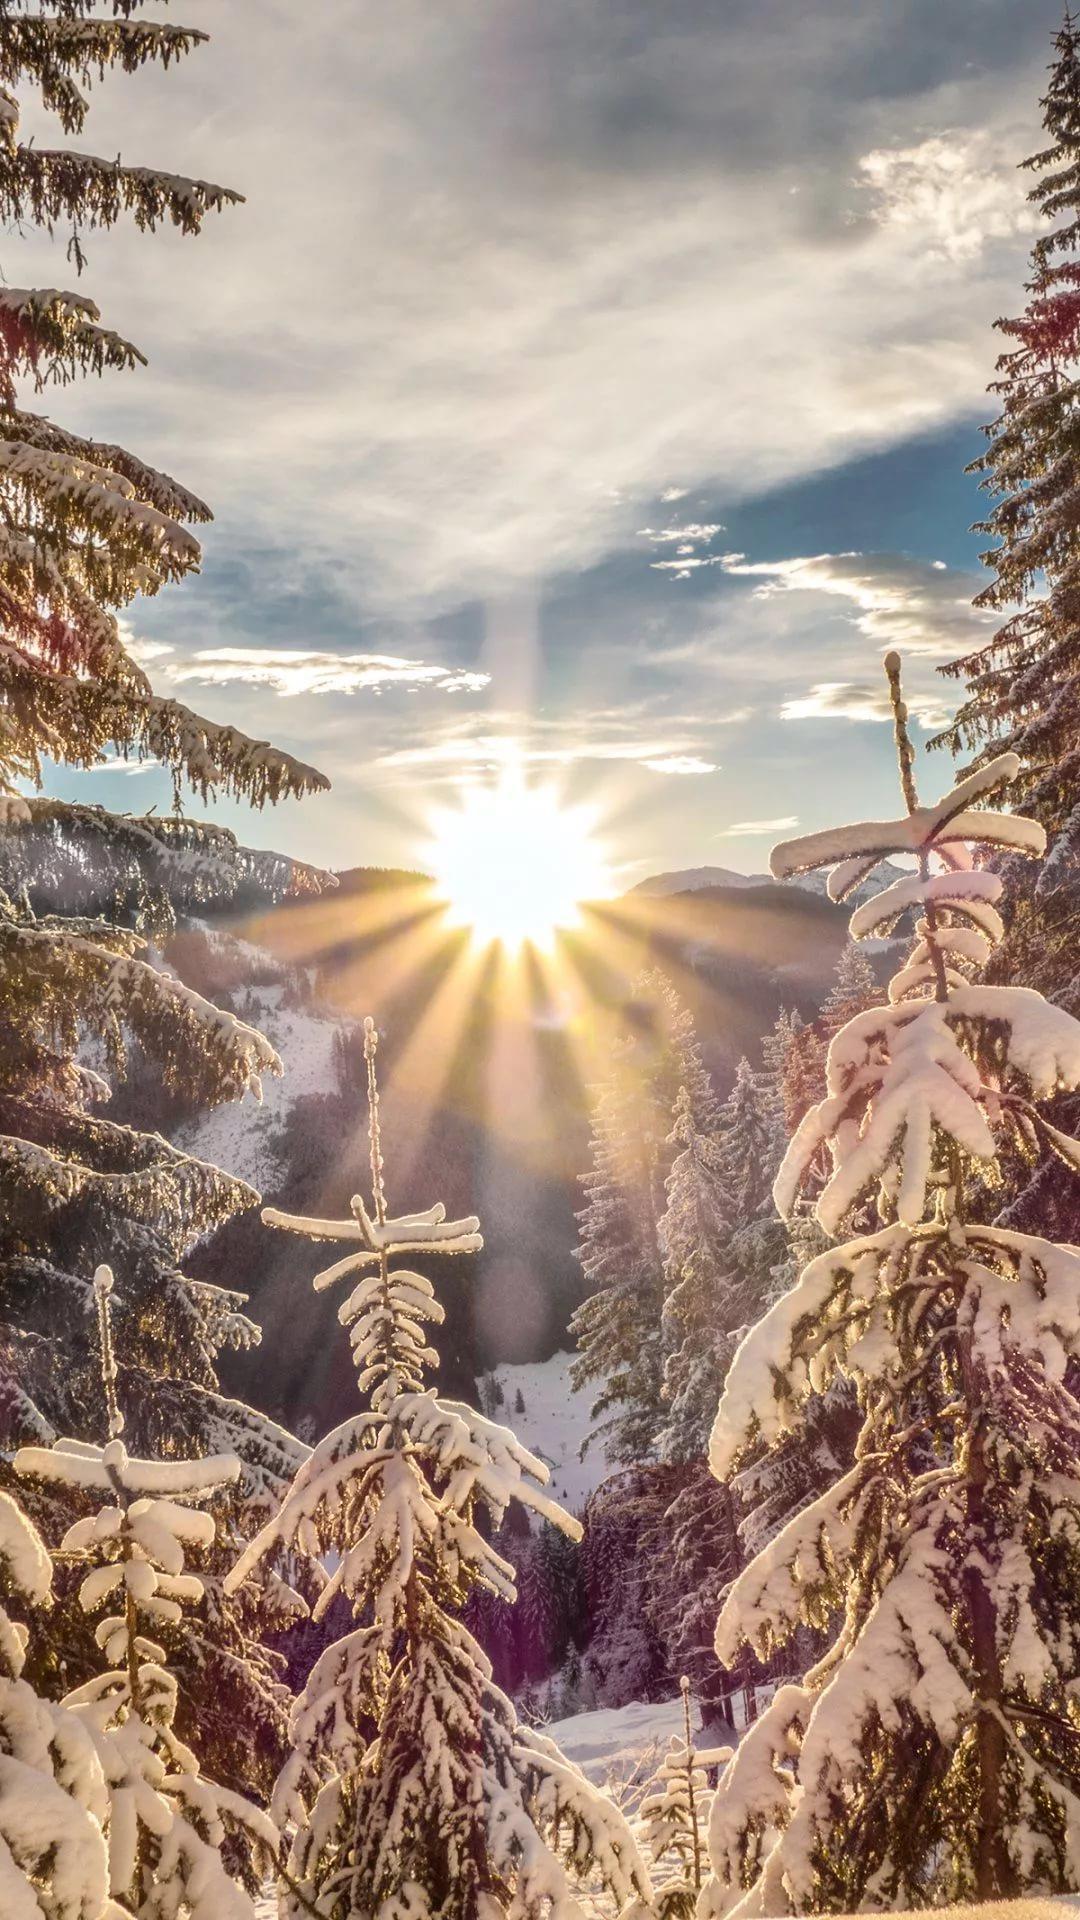 Вертикальные обои на айфон красивые зимние 1